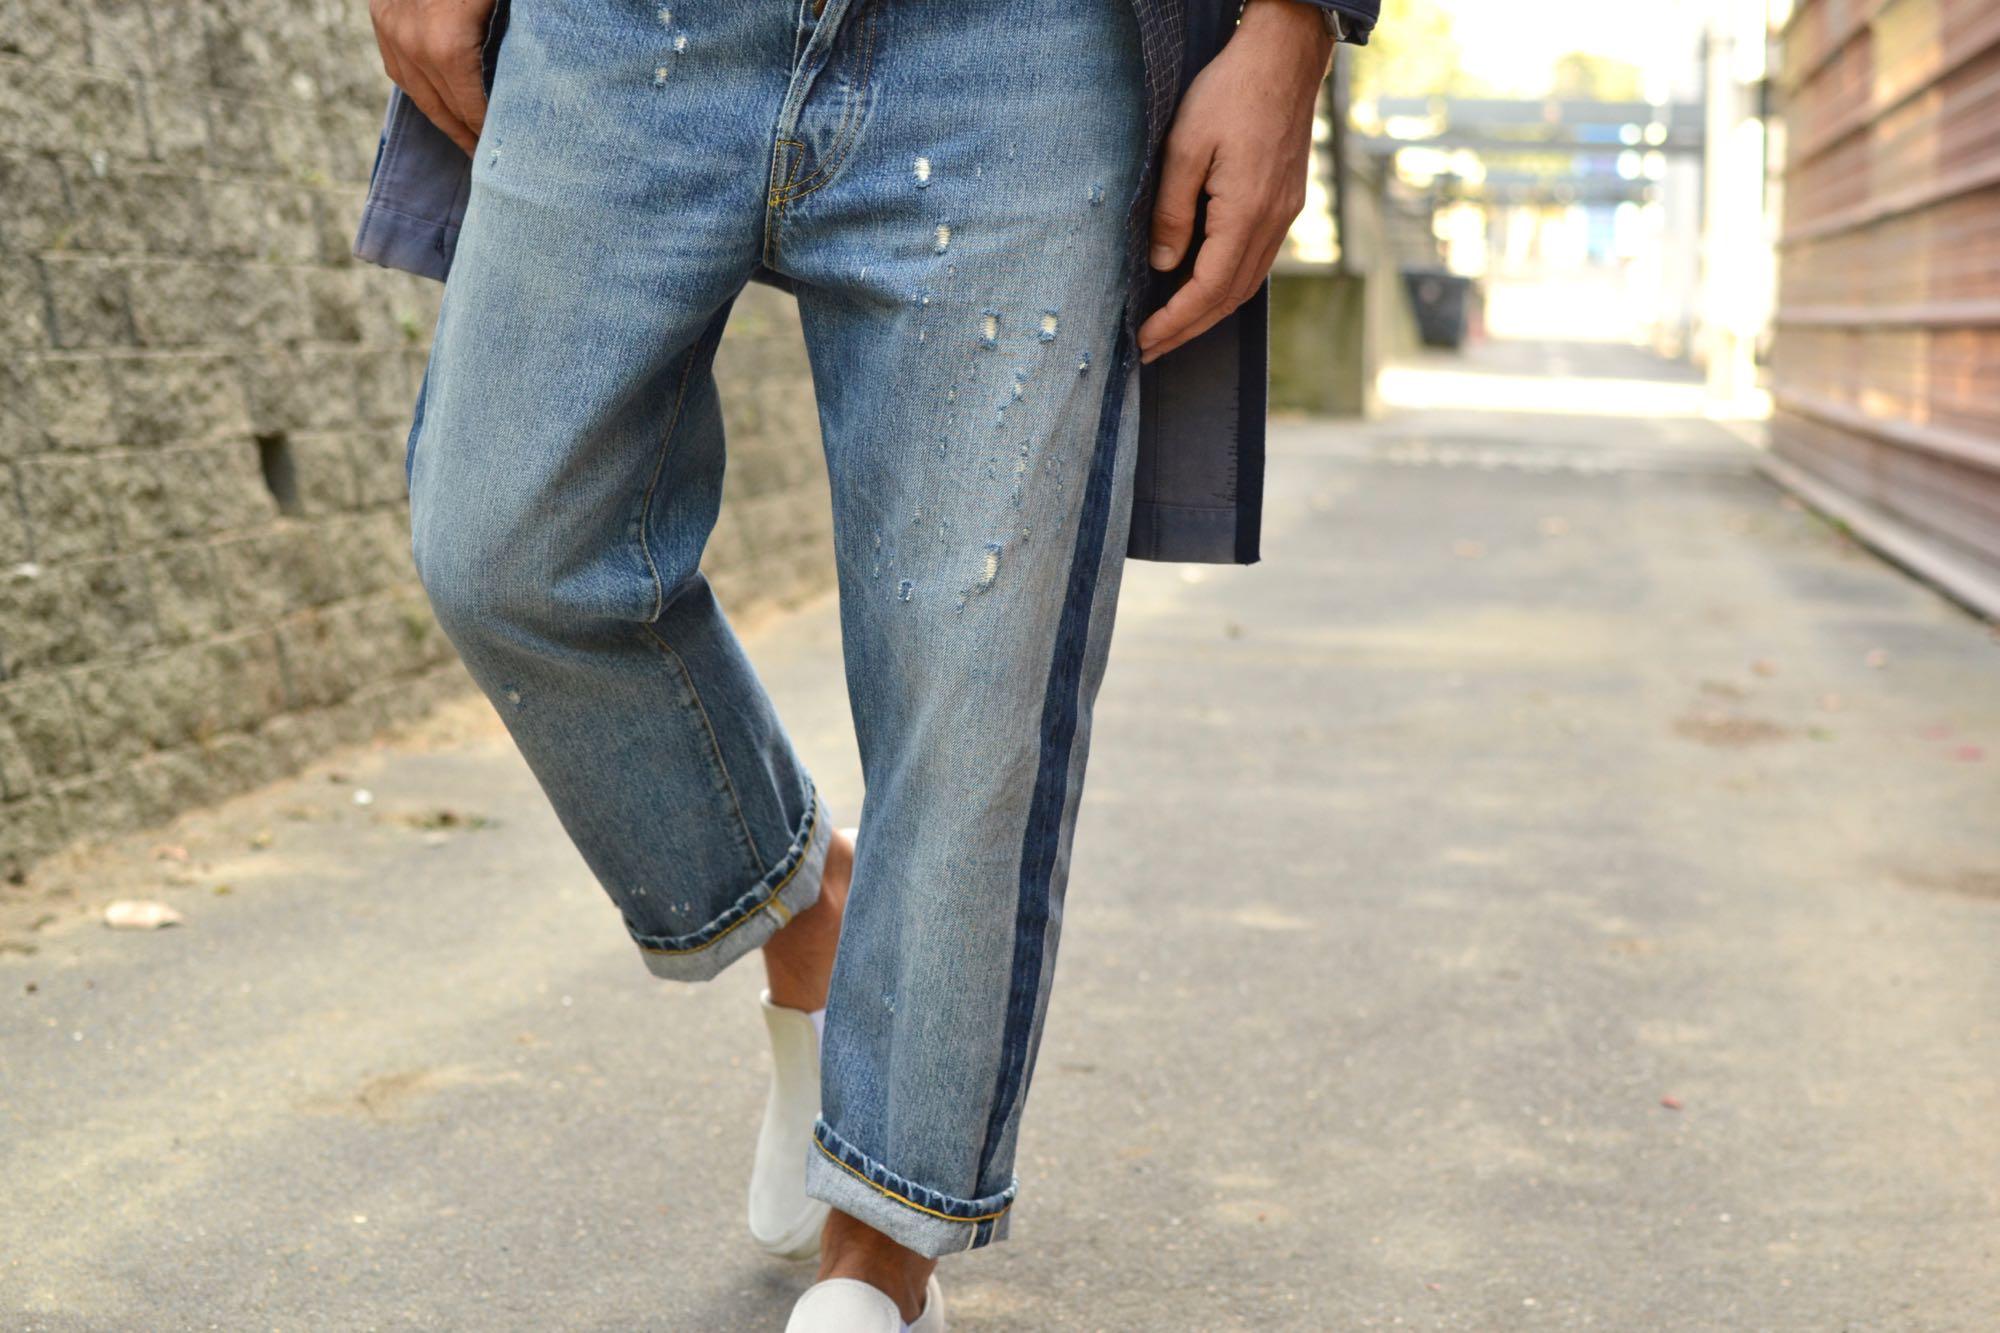 Exemple de comment porter un levis 501 de la gamme Levi'es vintage clothing